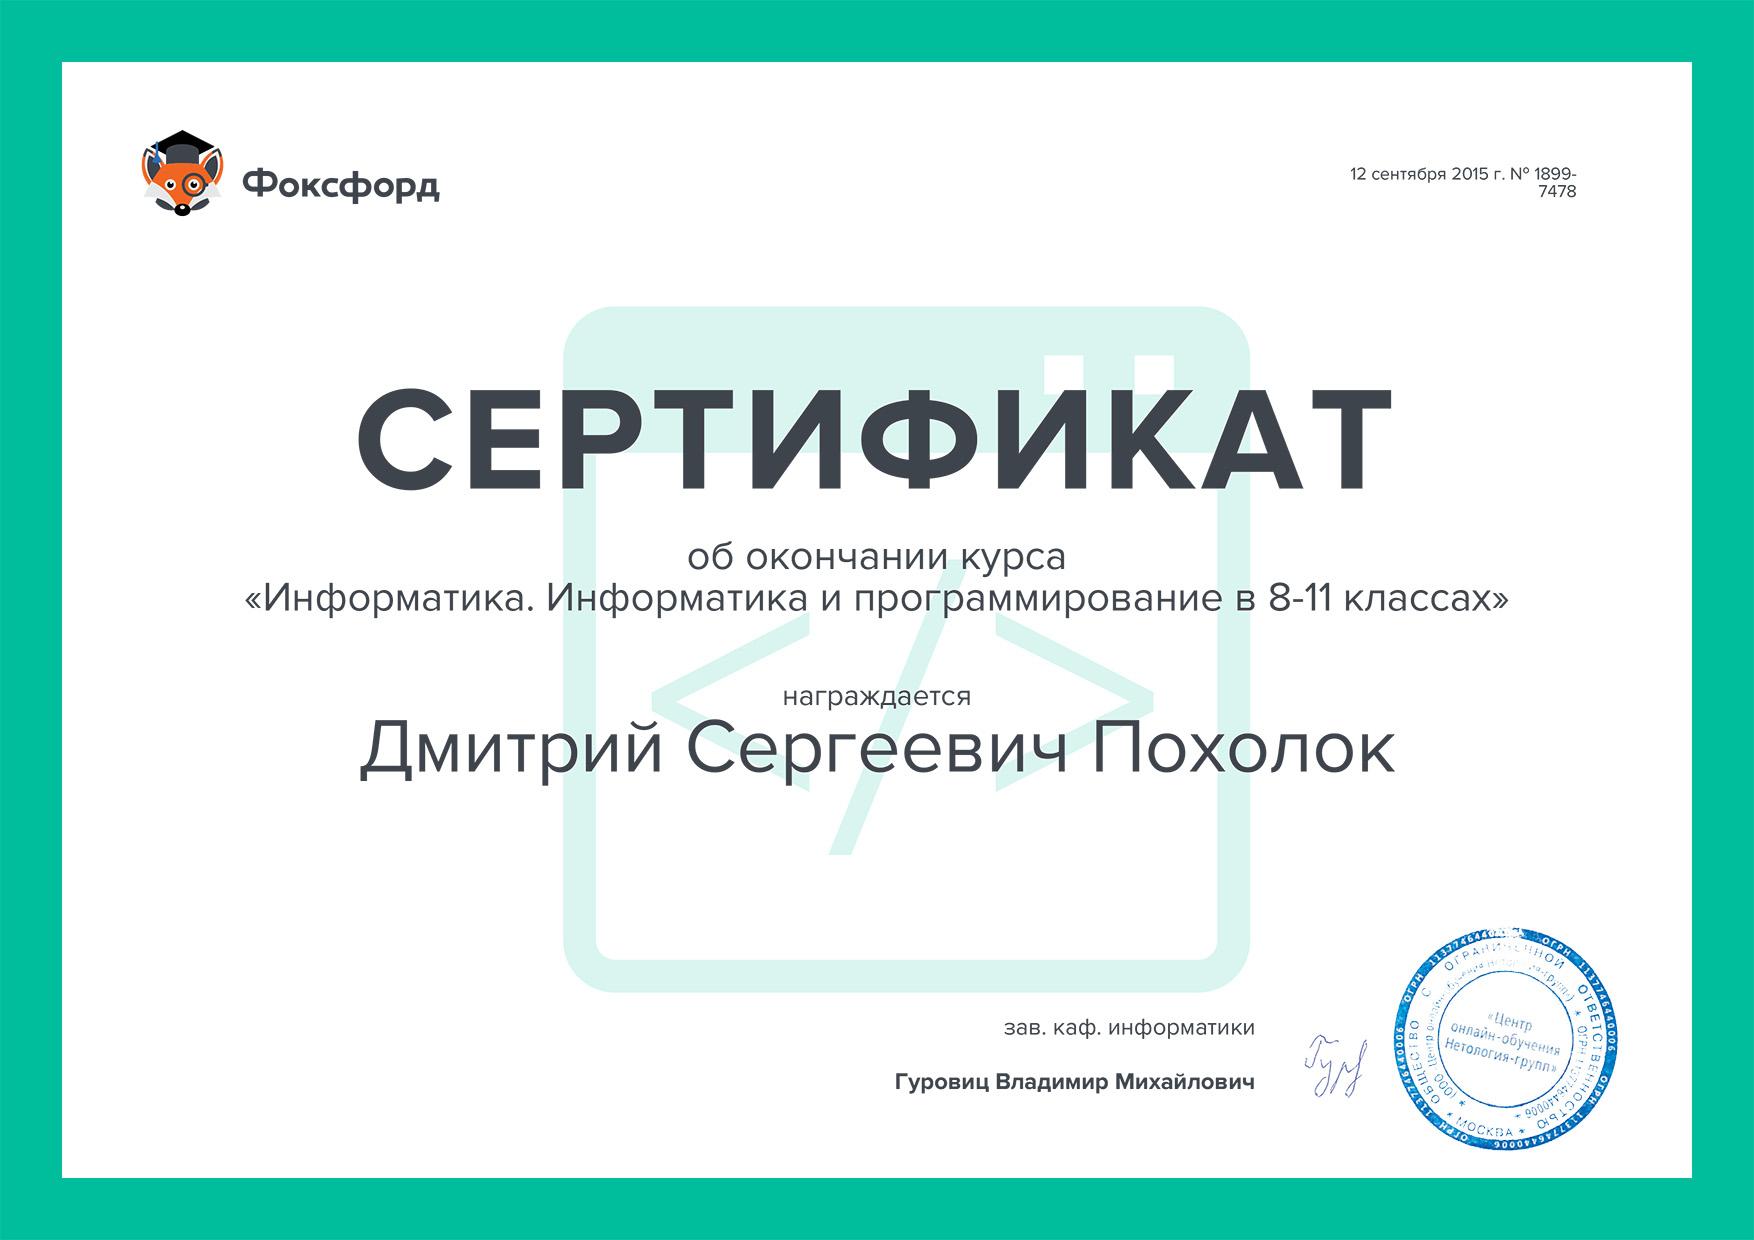 Сертификат об окончании курса Информатика. Информатика и программирование 8-11 класс